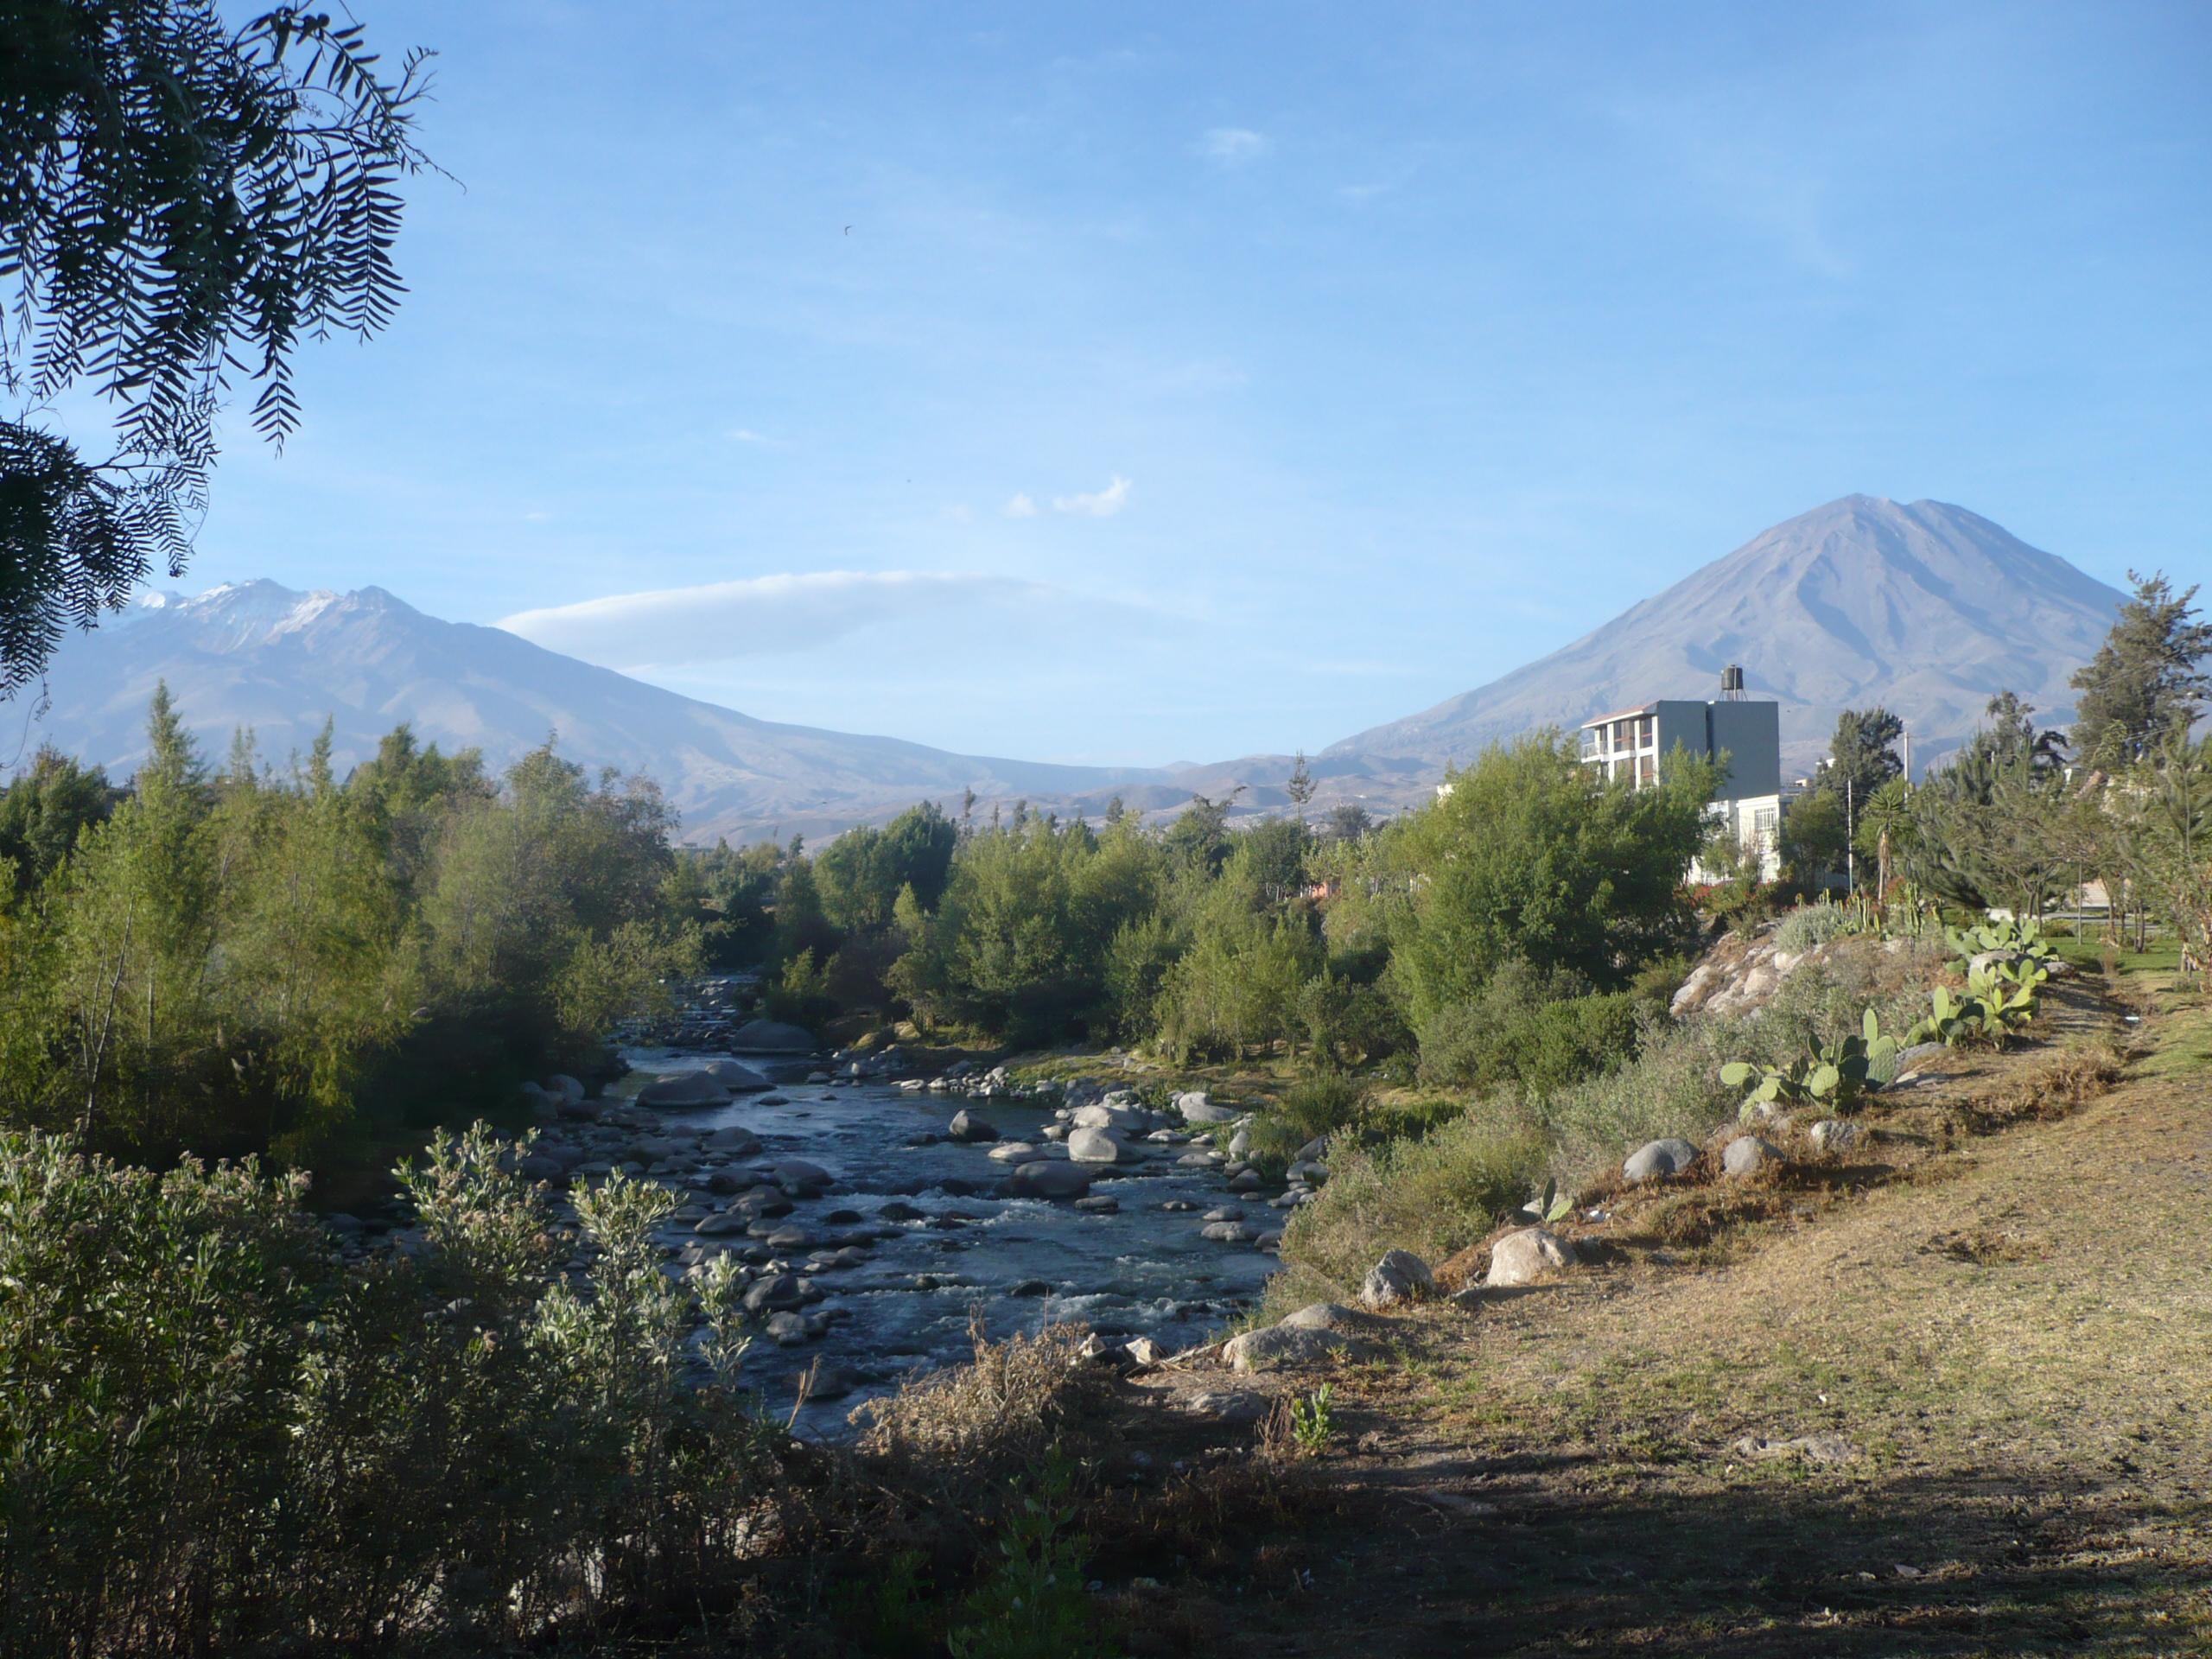 Le Misti a droite - Le Chachani a gauche - le rio Chili au milieu